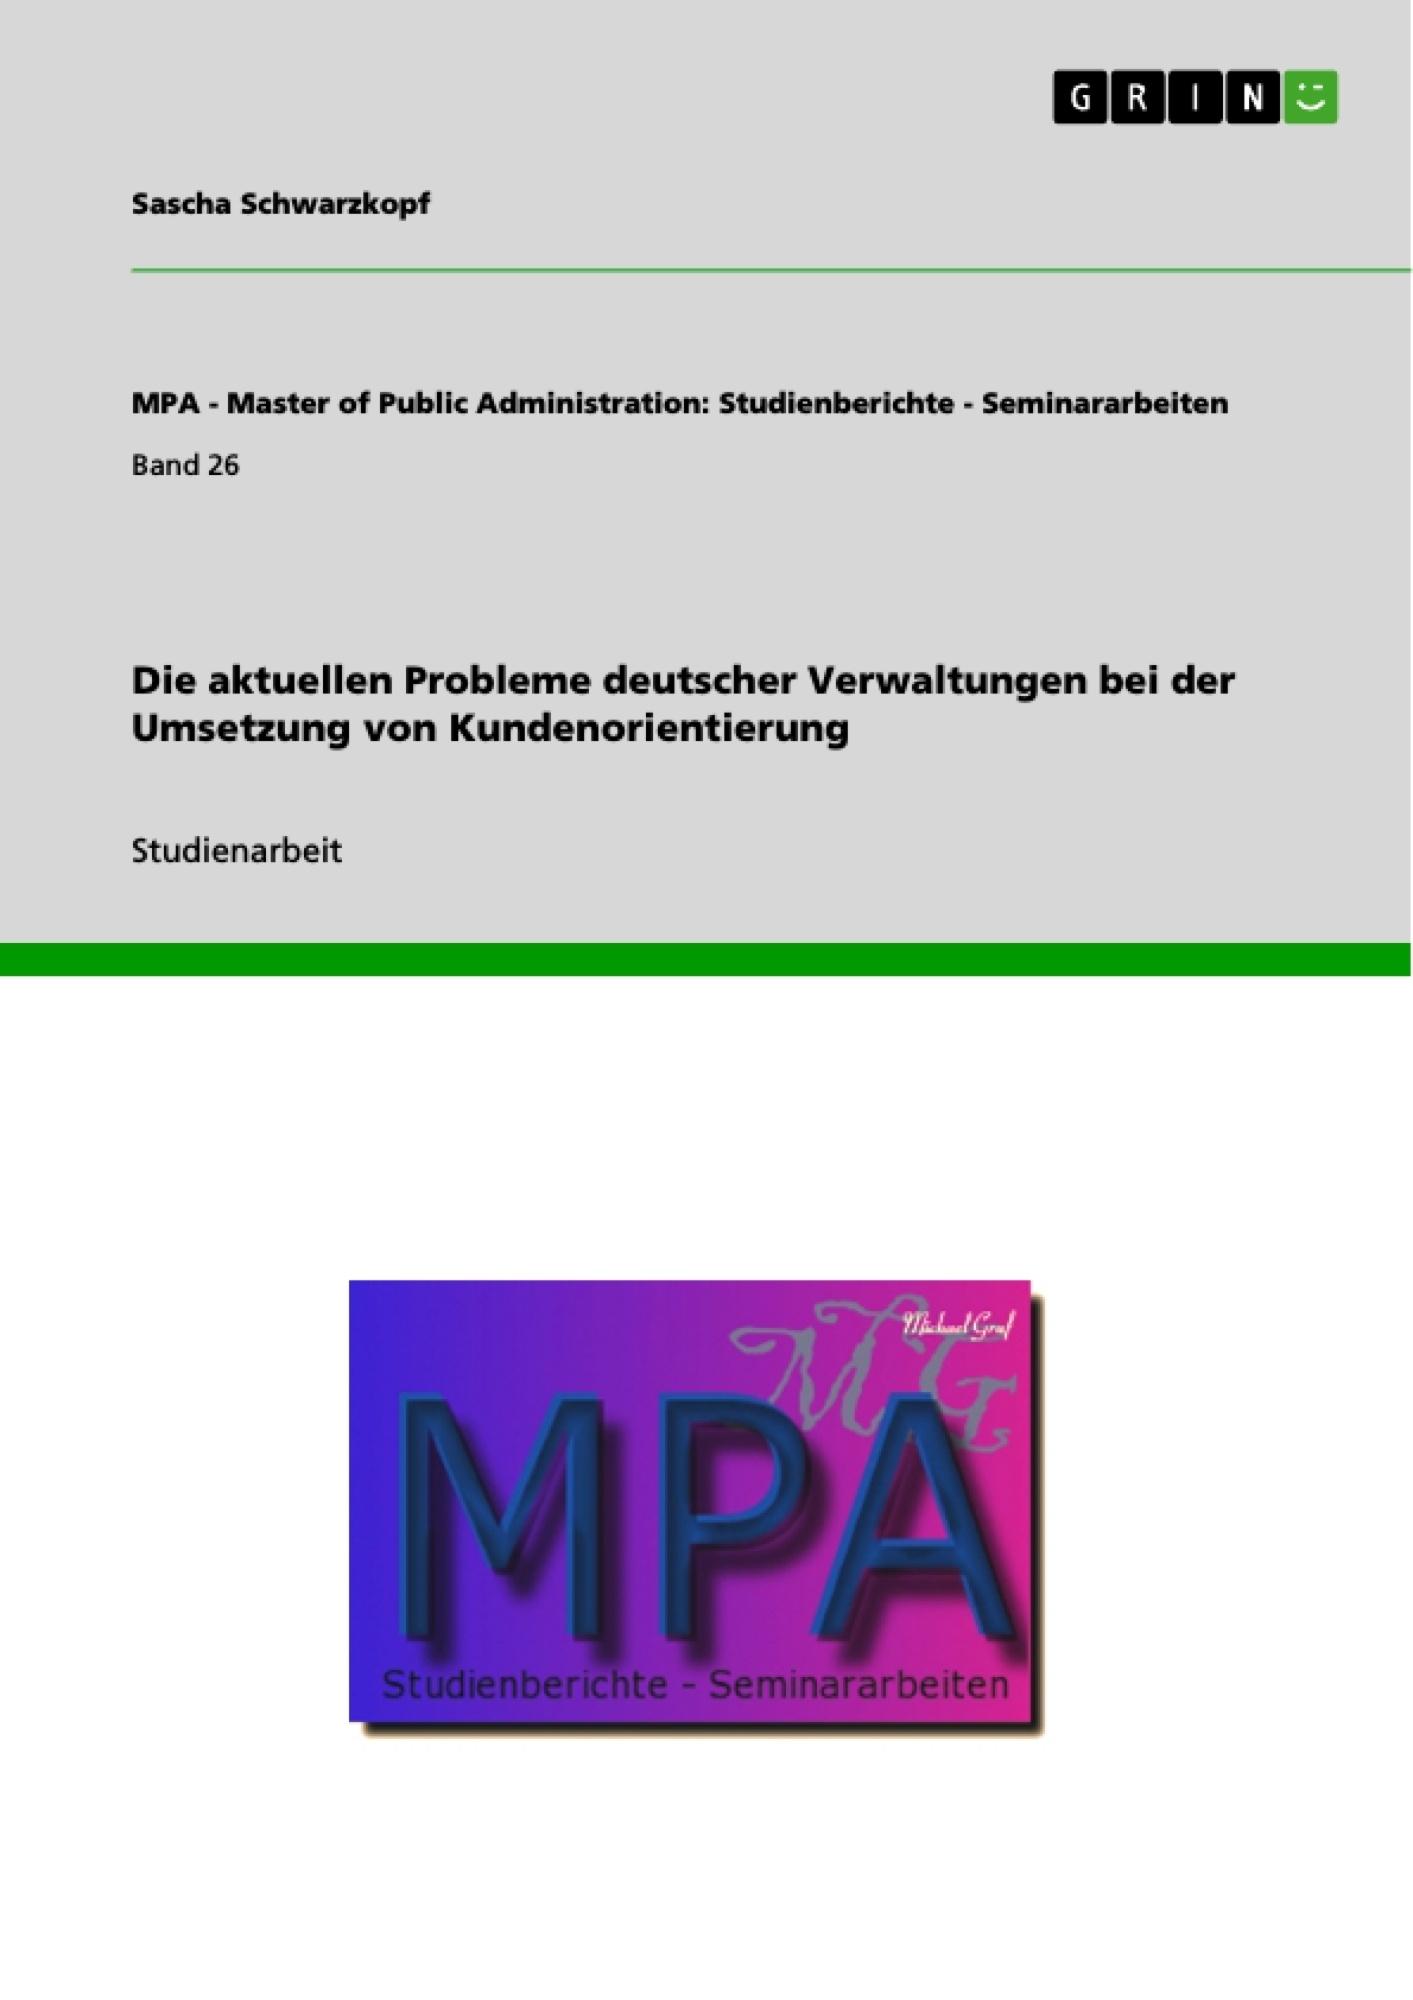 Titel: Die aktuellen Probleme deutscher Verwaltungen bei der Umsetzung von Kundenorientierung